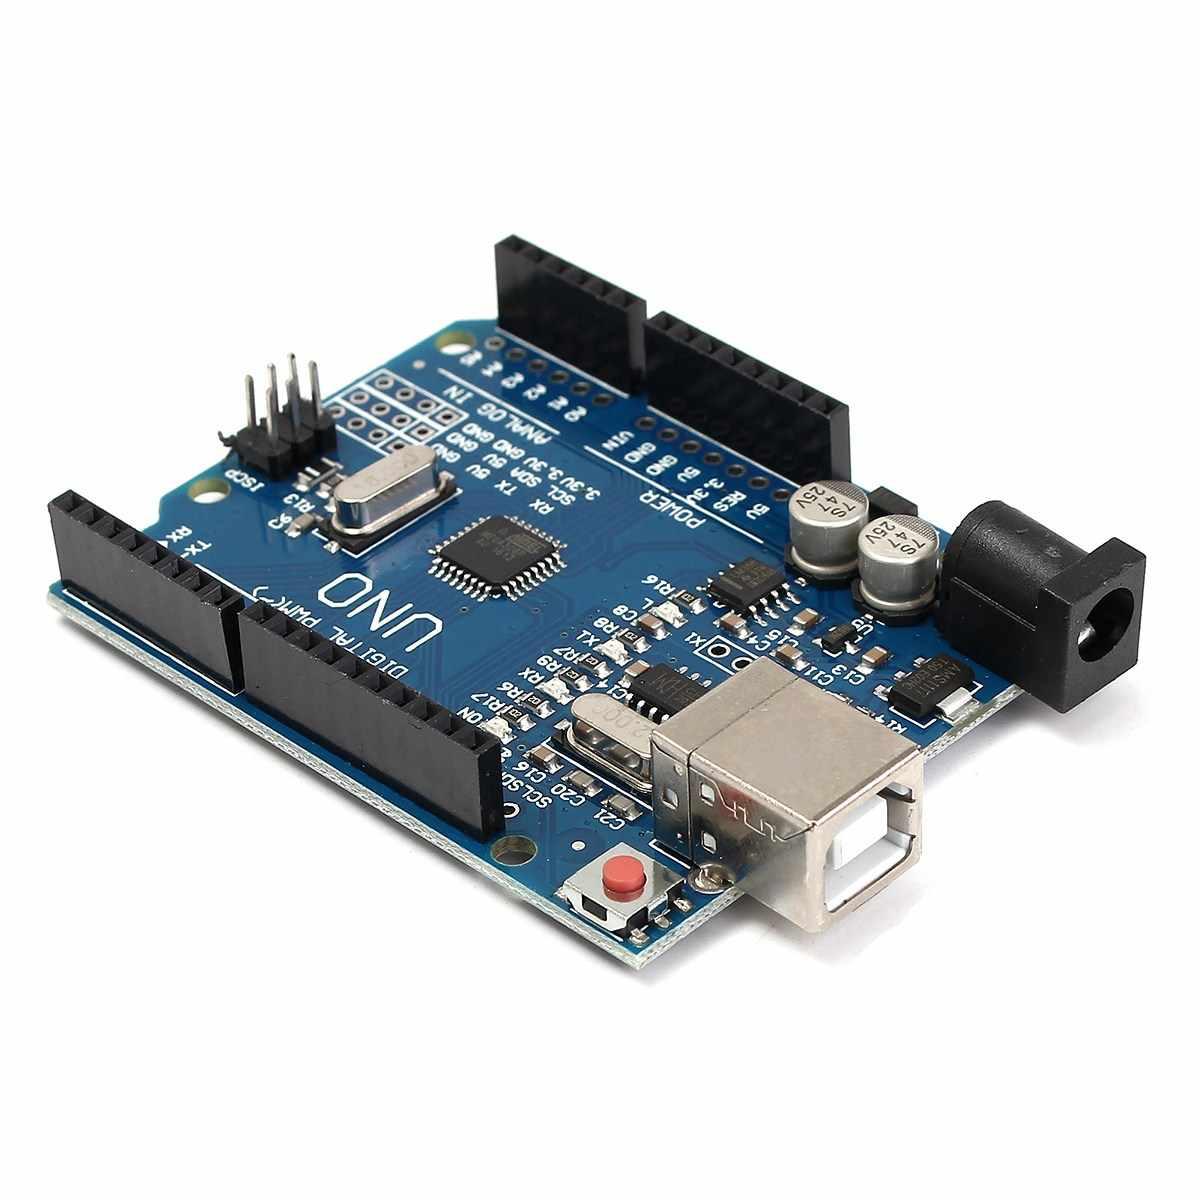 1PC CNC Shield + UNO R3 Board + 4 X DRV8825 Driver Kit For Arduino 3D Printer Module Board New Wholesale